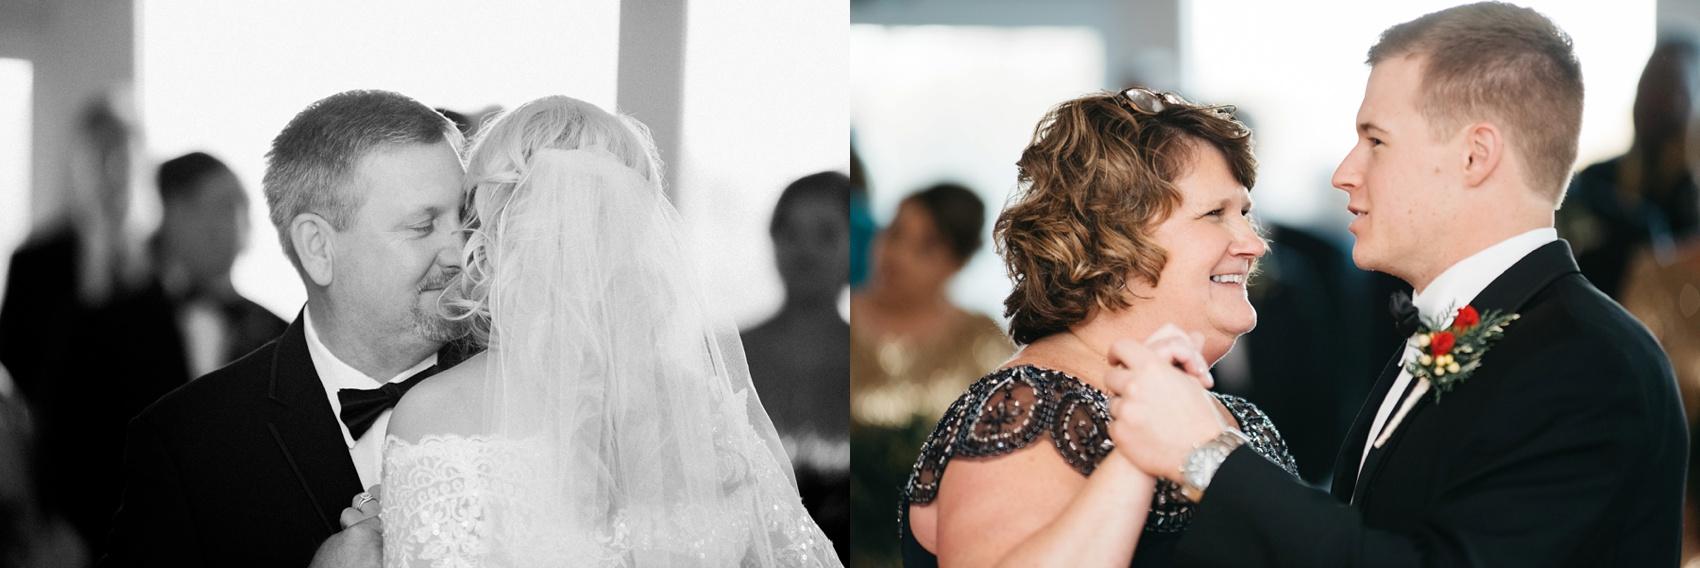 stillco_wedding_3233.jpg